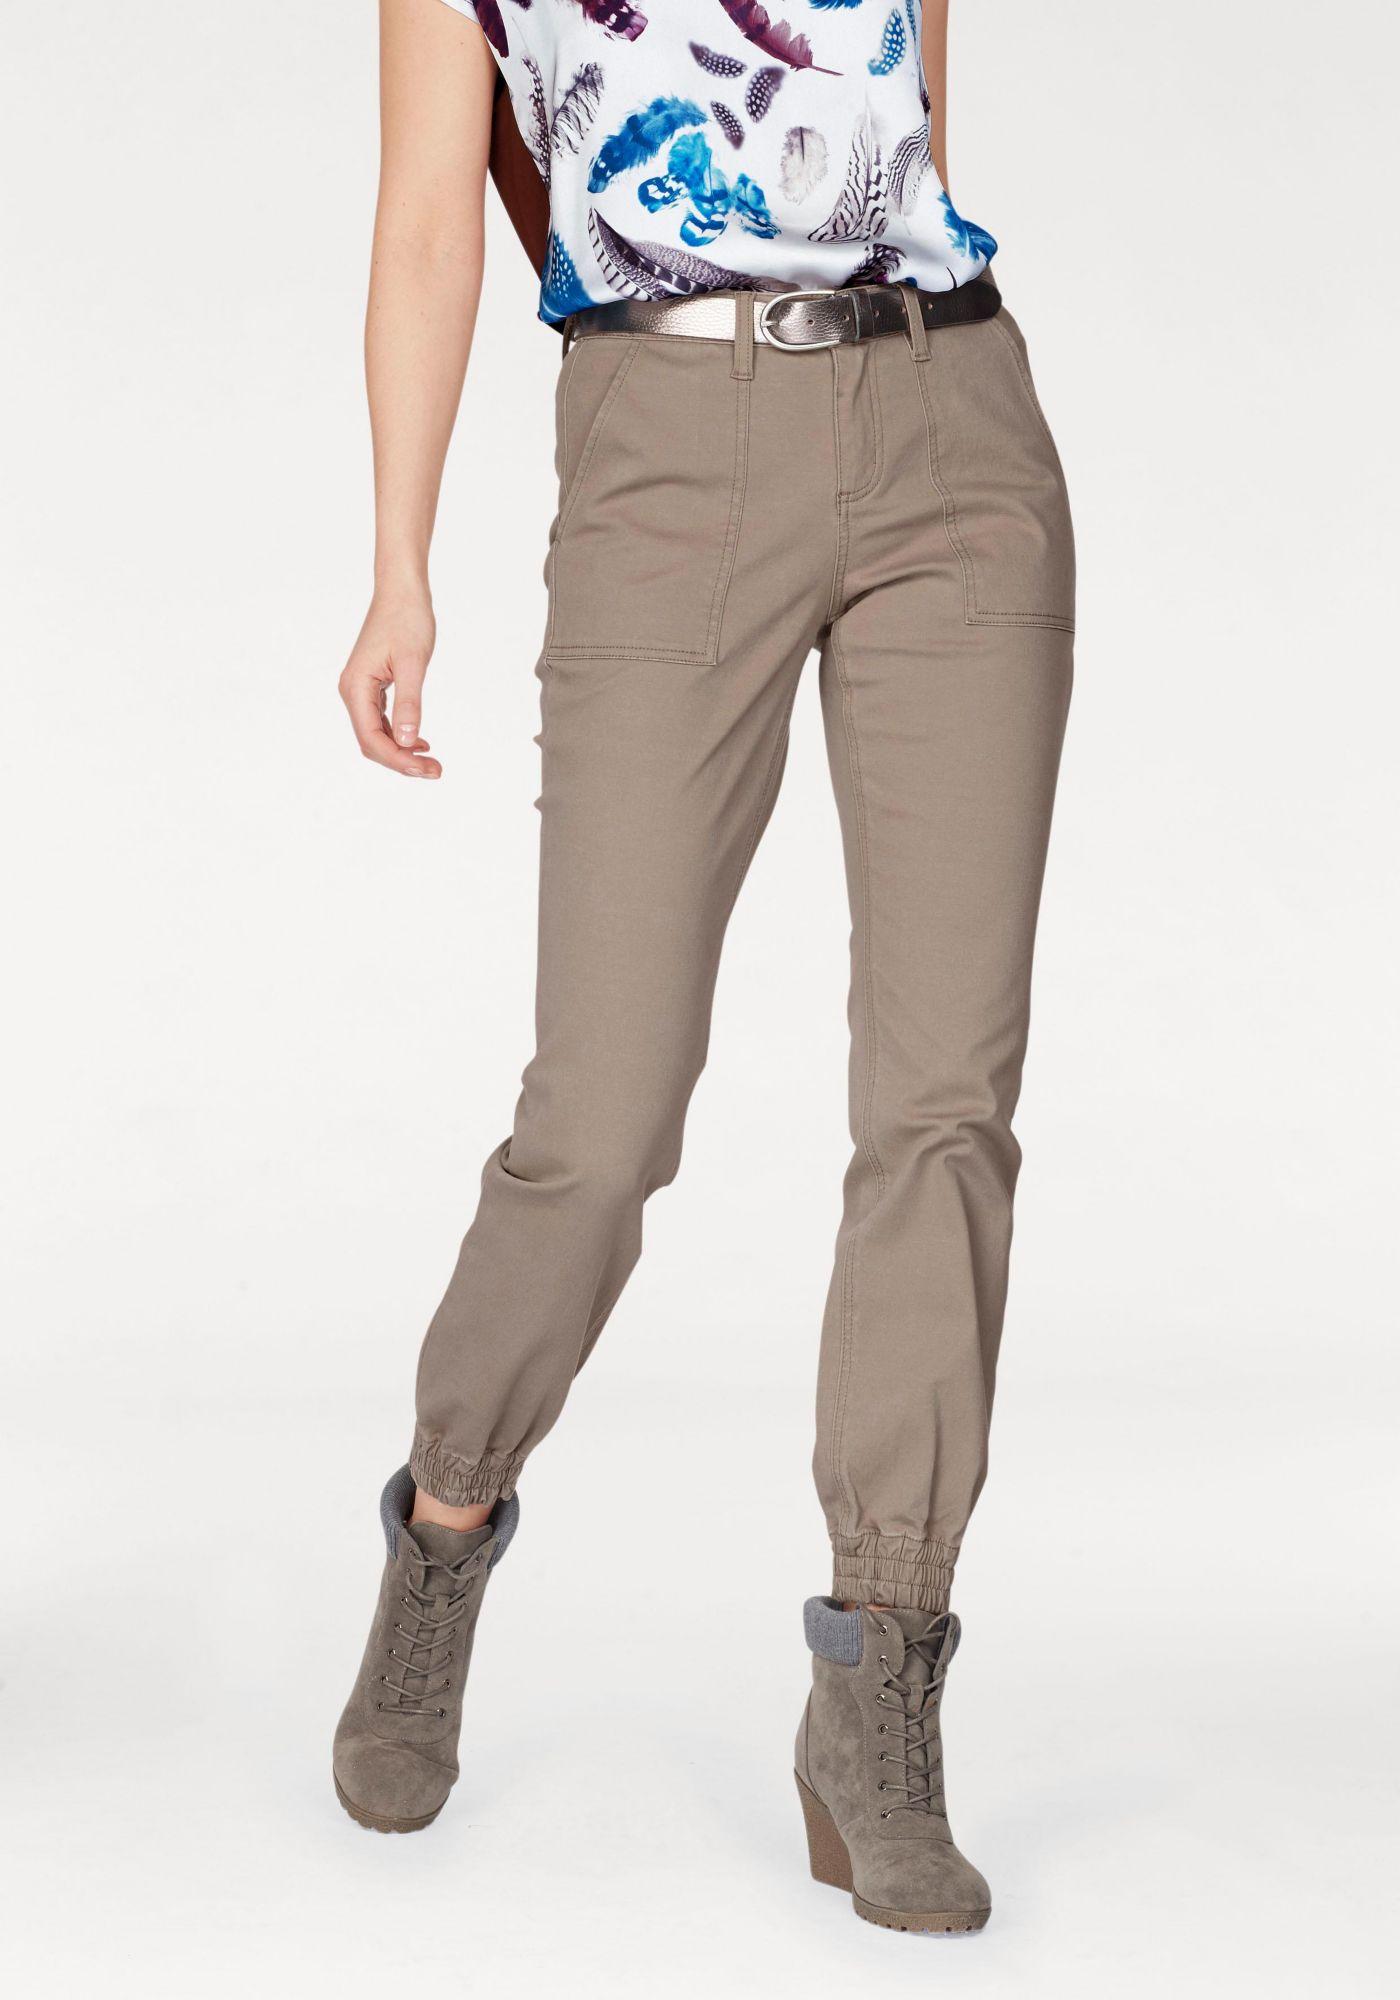 BOYSENS Boysen's Cargohose »Jogg-Pants«